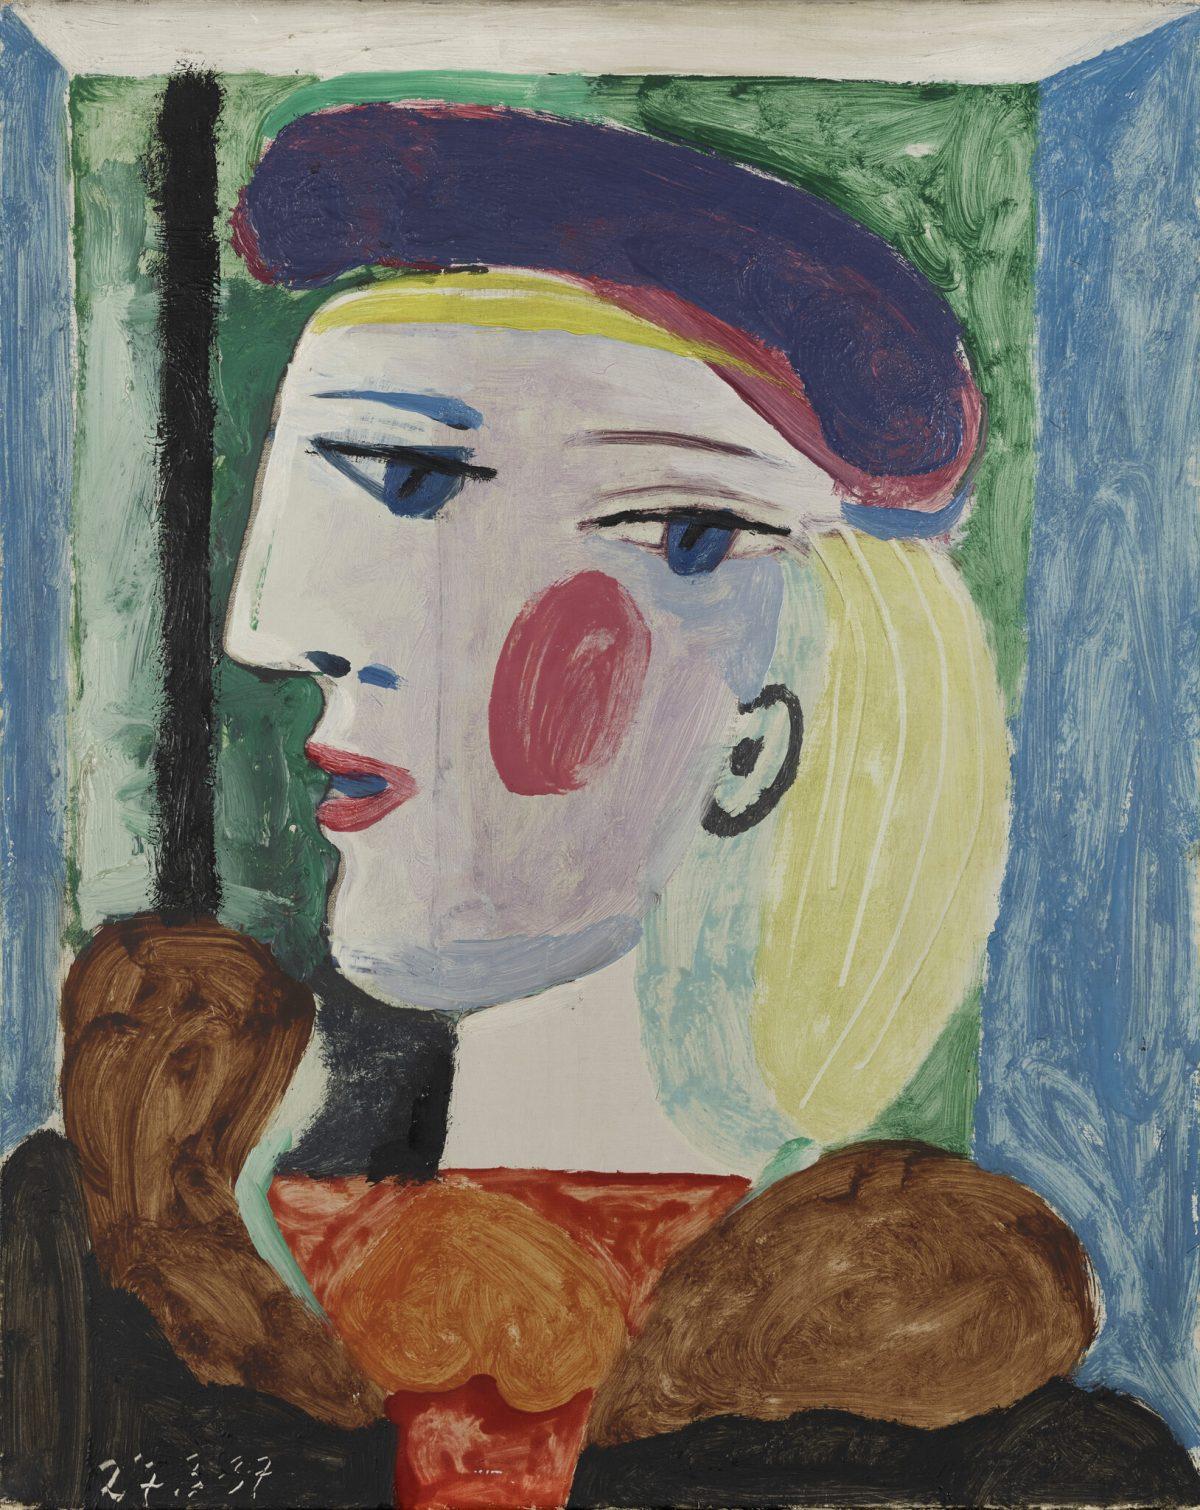 Pablo Picasso, 'Femme au béret mauve',